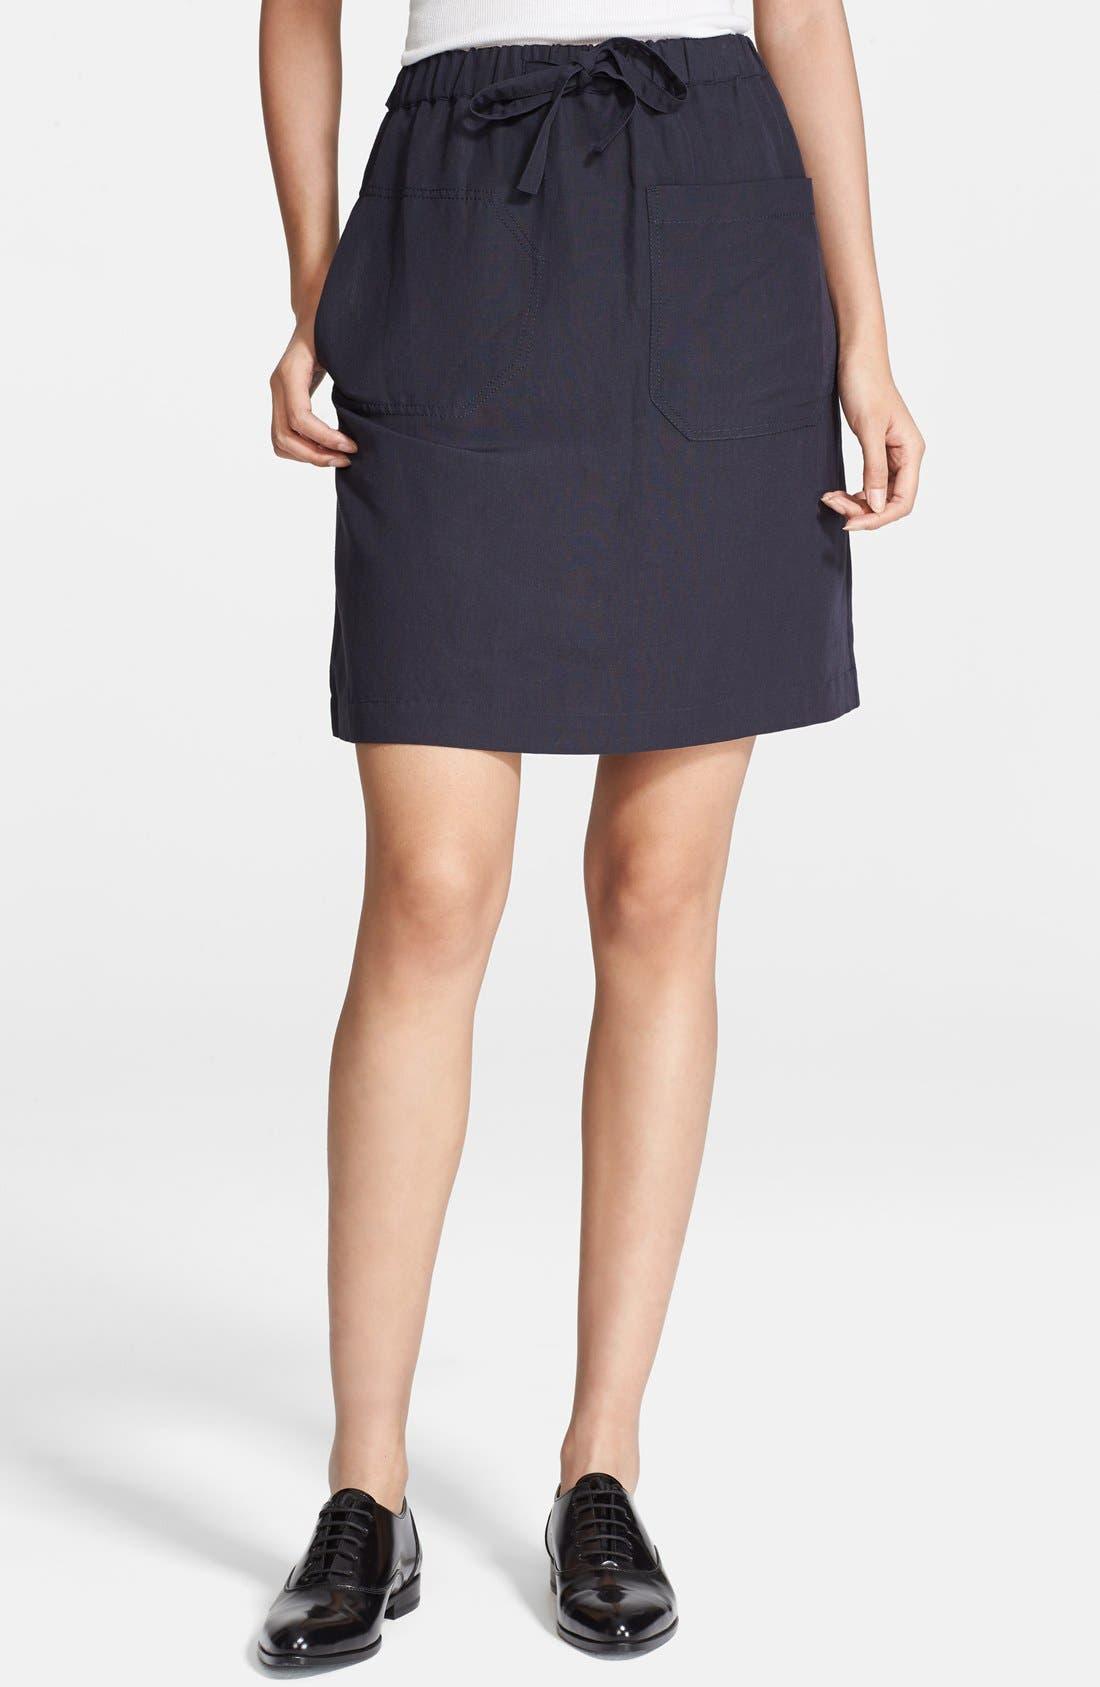 Alternate Image 1 Selected - A.P.C. Drawstring Linen Blend Skirt